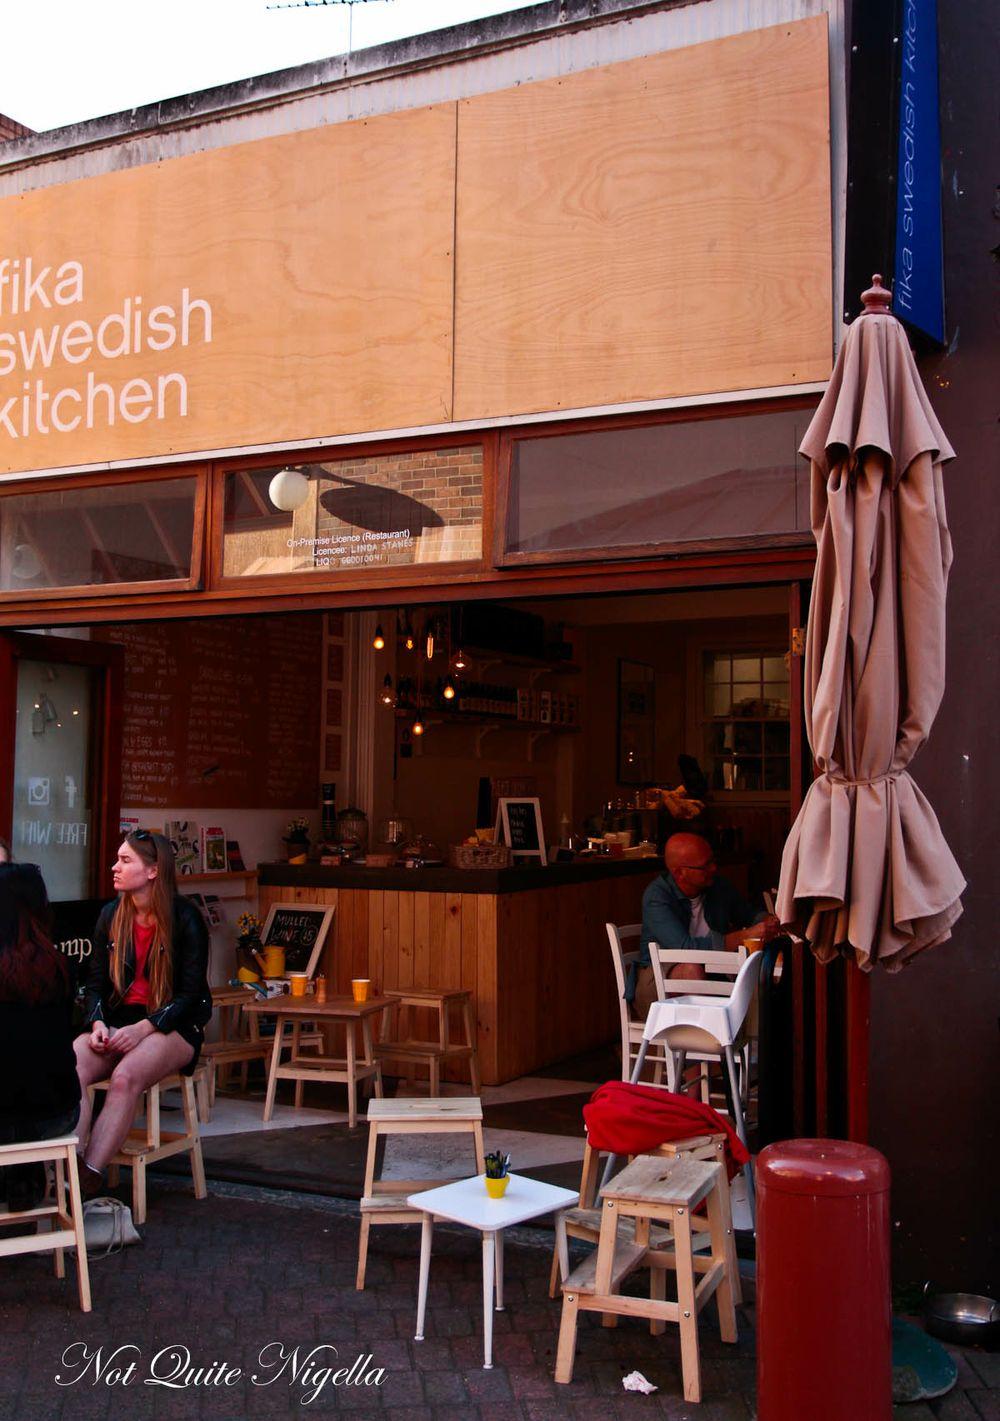 fika-swedish-kitchen-5-2